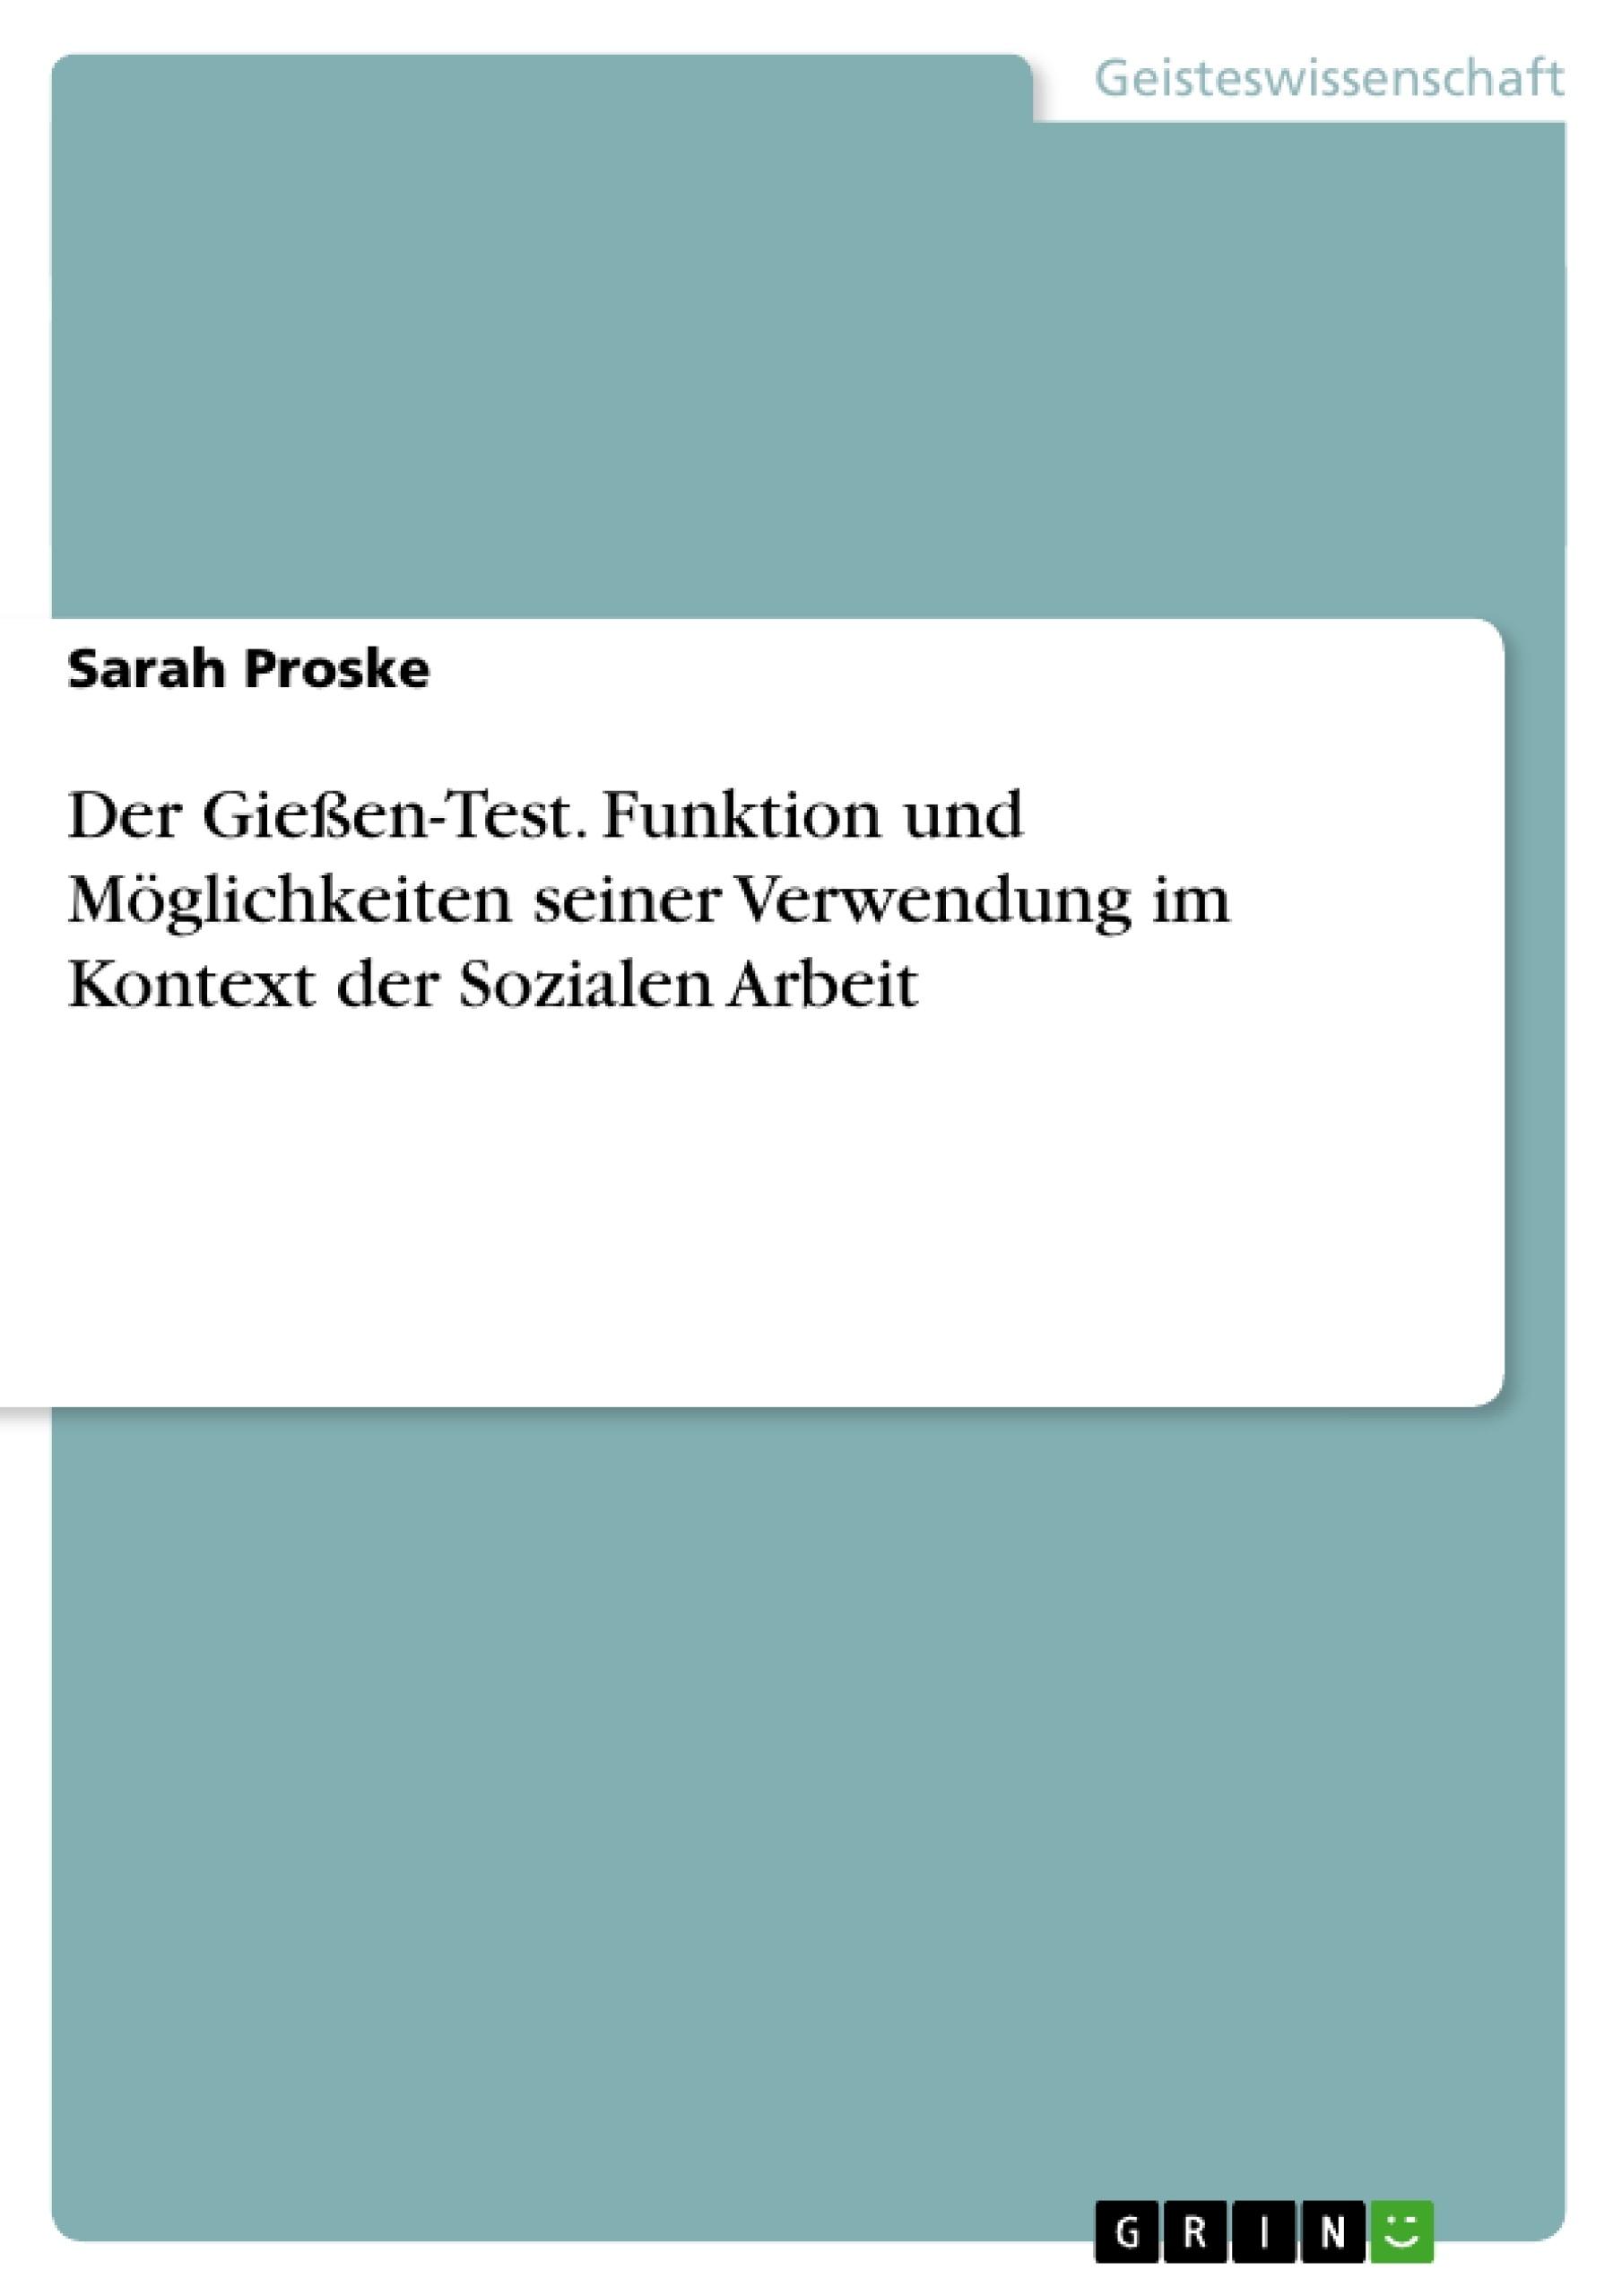 Titel: Der Gießen-Test. Funktion und Möglichkeiten seiner Verwendung im Kontext der Sozialen Arbeit